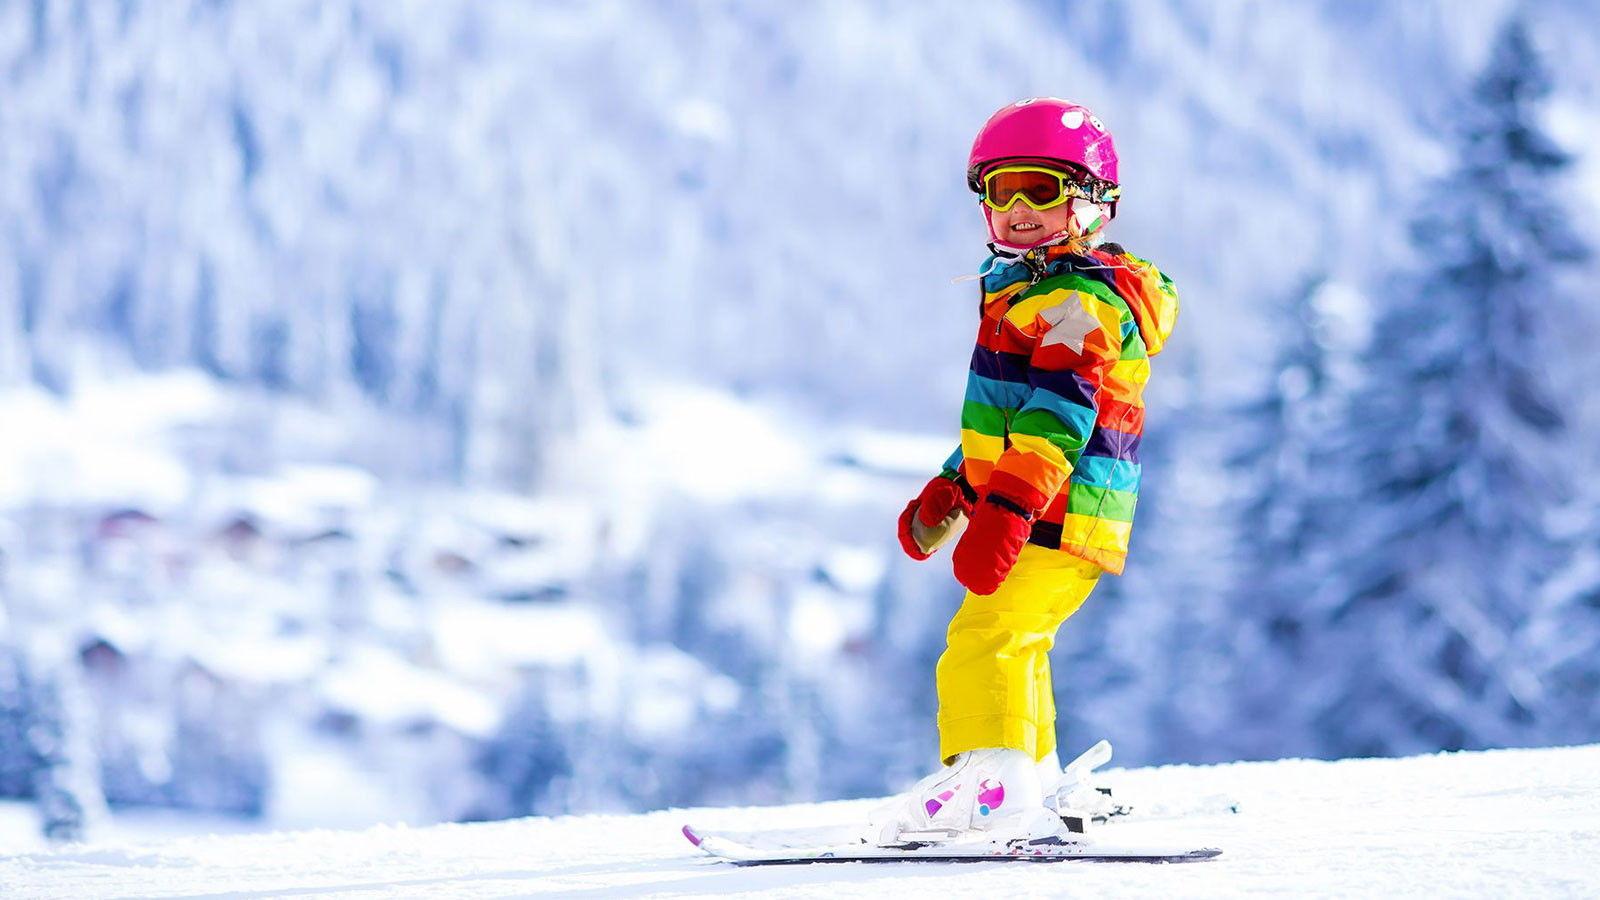 Зима, лыжи и английский: выбираем языковой лагерь в каникулы